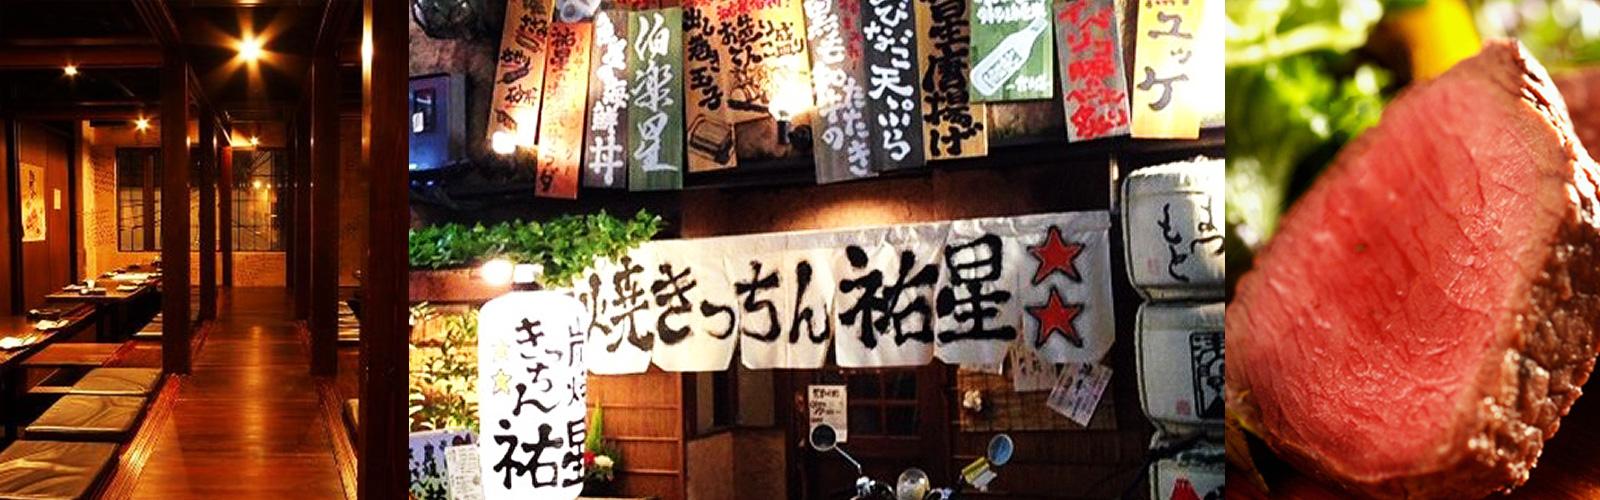 炭焼きっちん 祐星 なんば店(大阪・なんば)